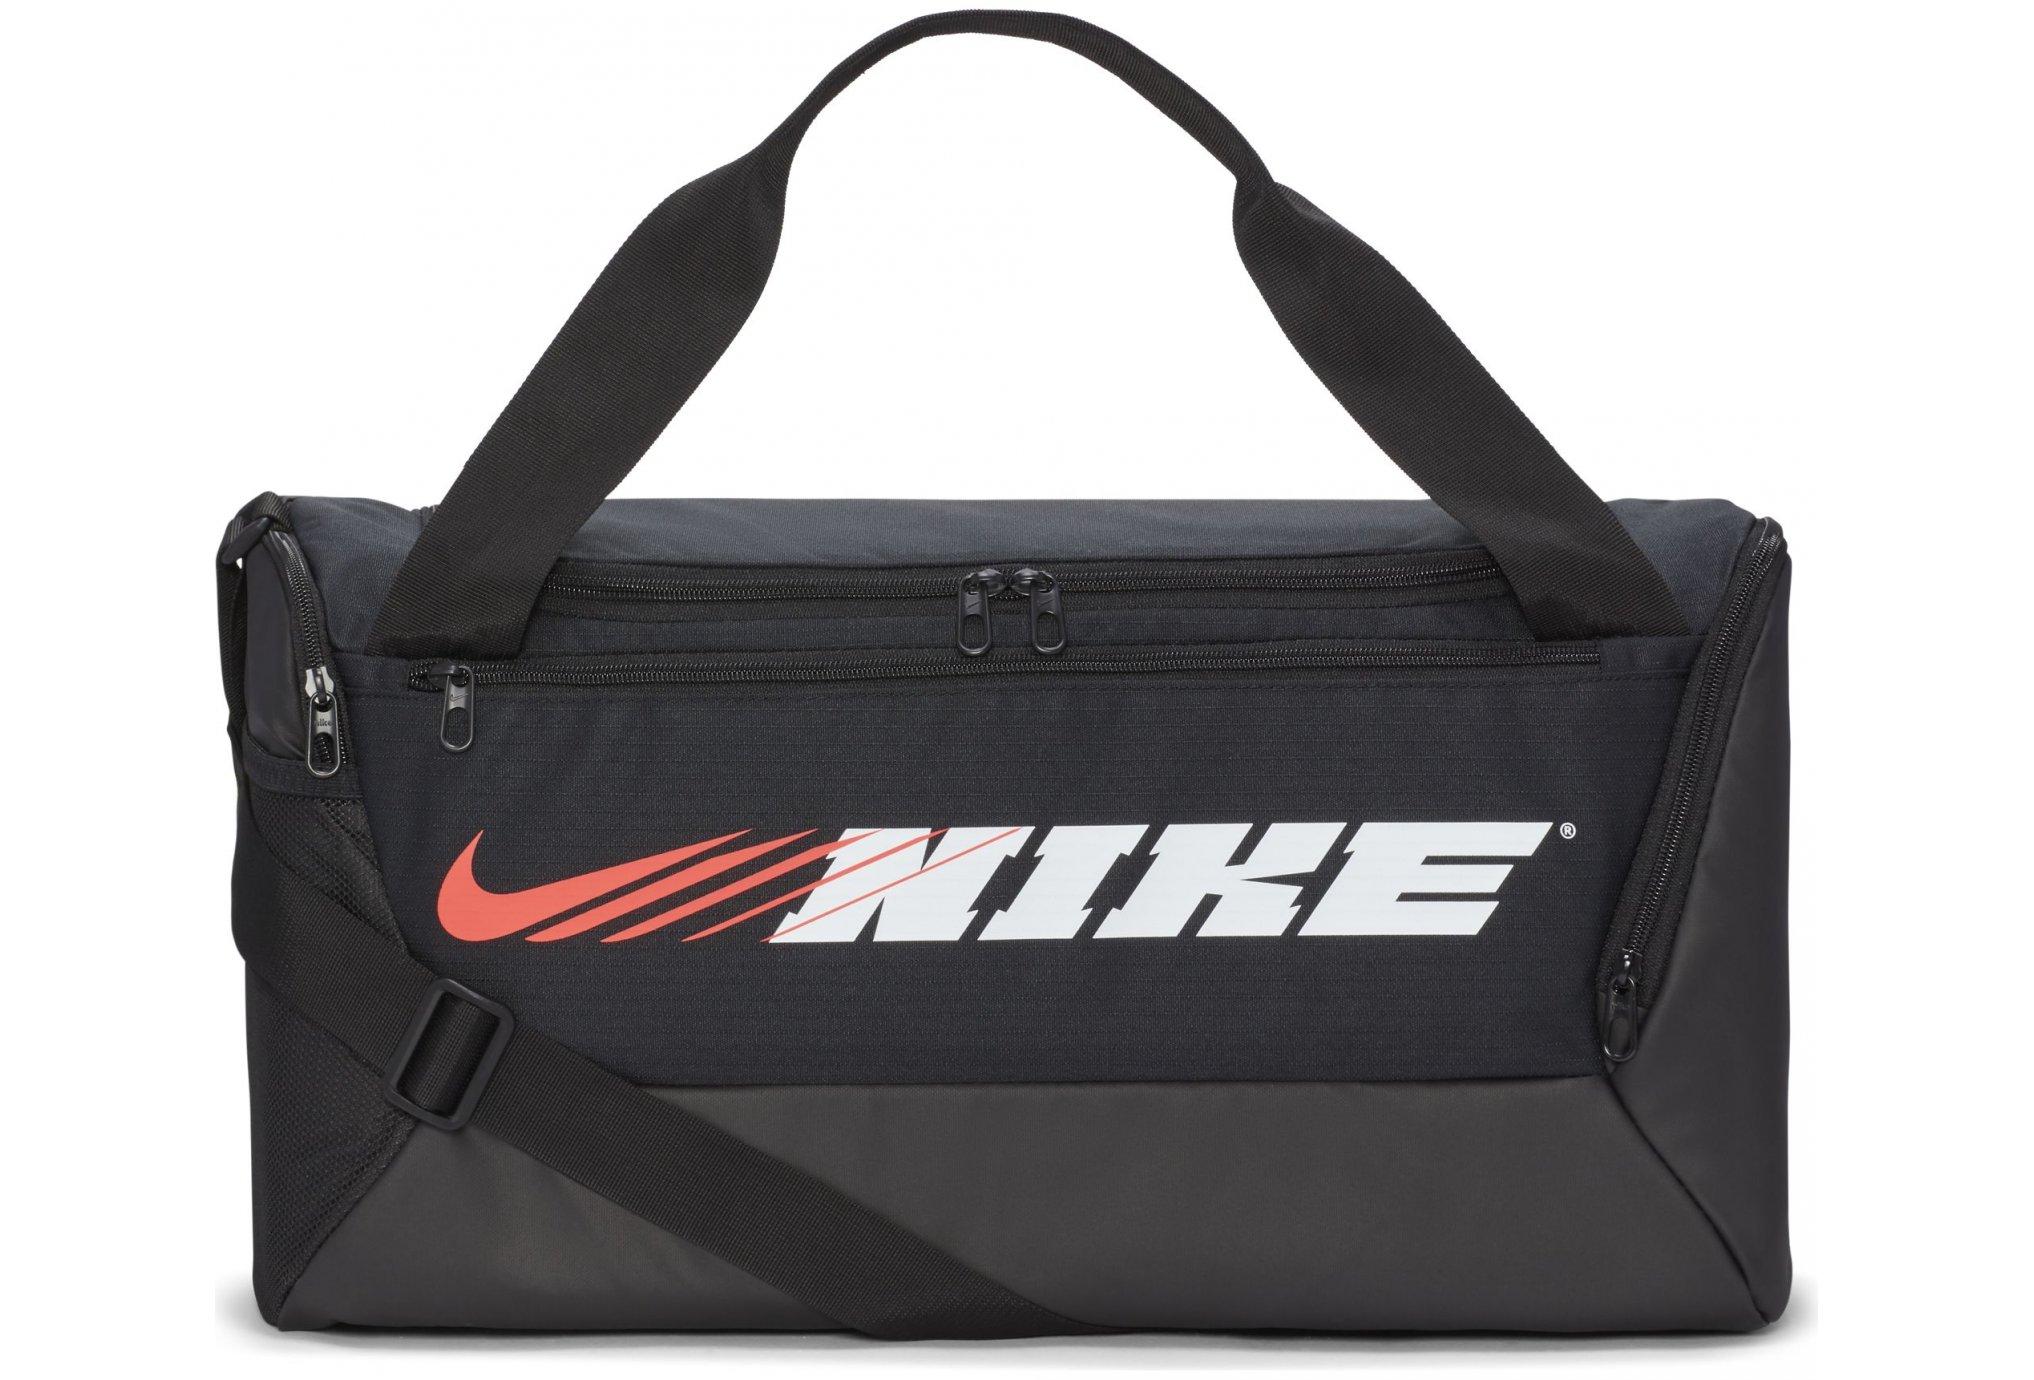 Nike Brasilia Duffel 9.0 GFX - S Diététique Accessoires